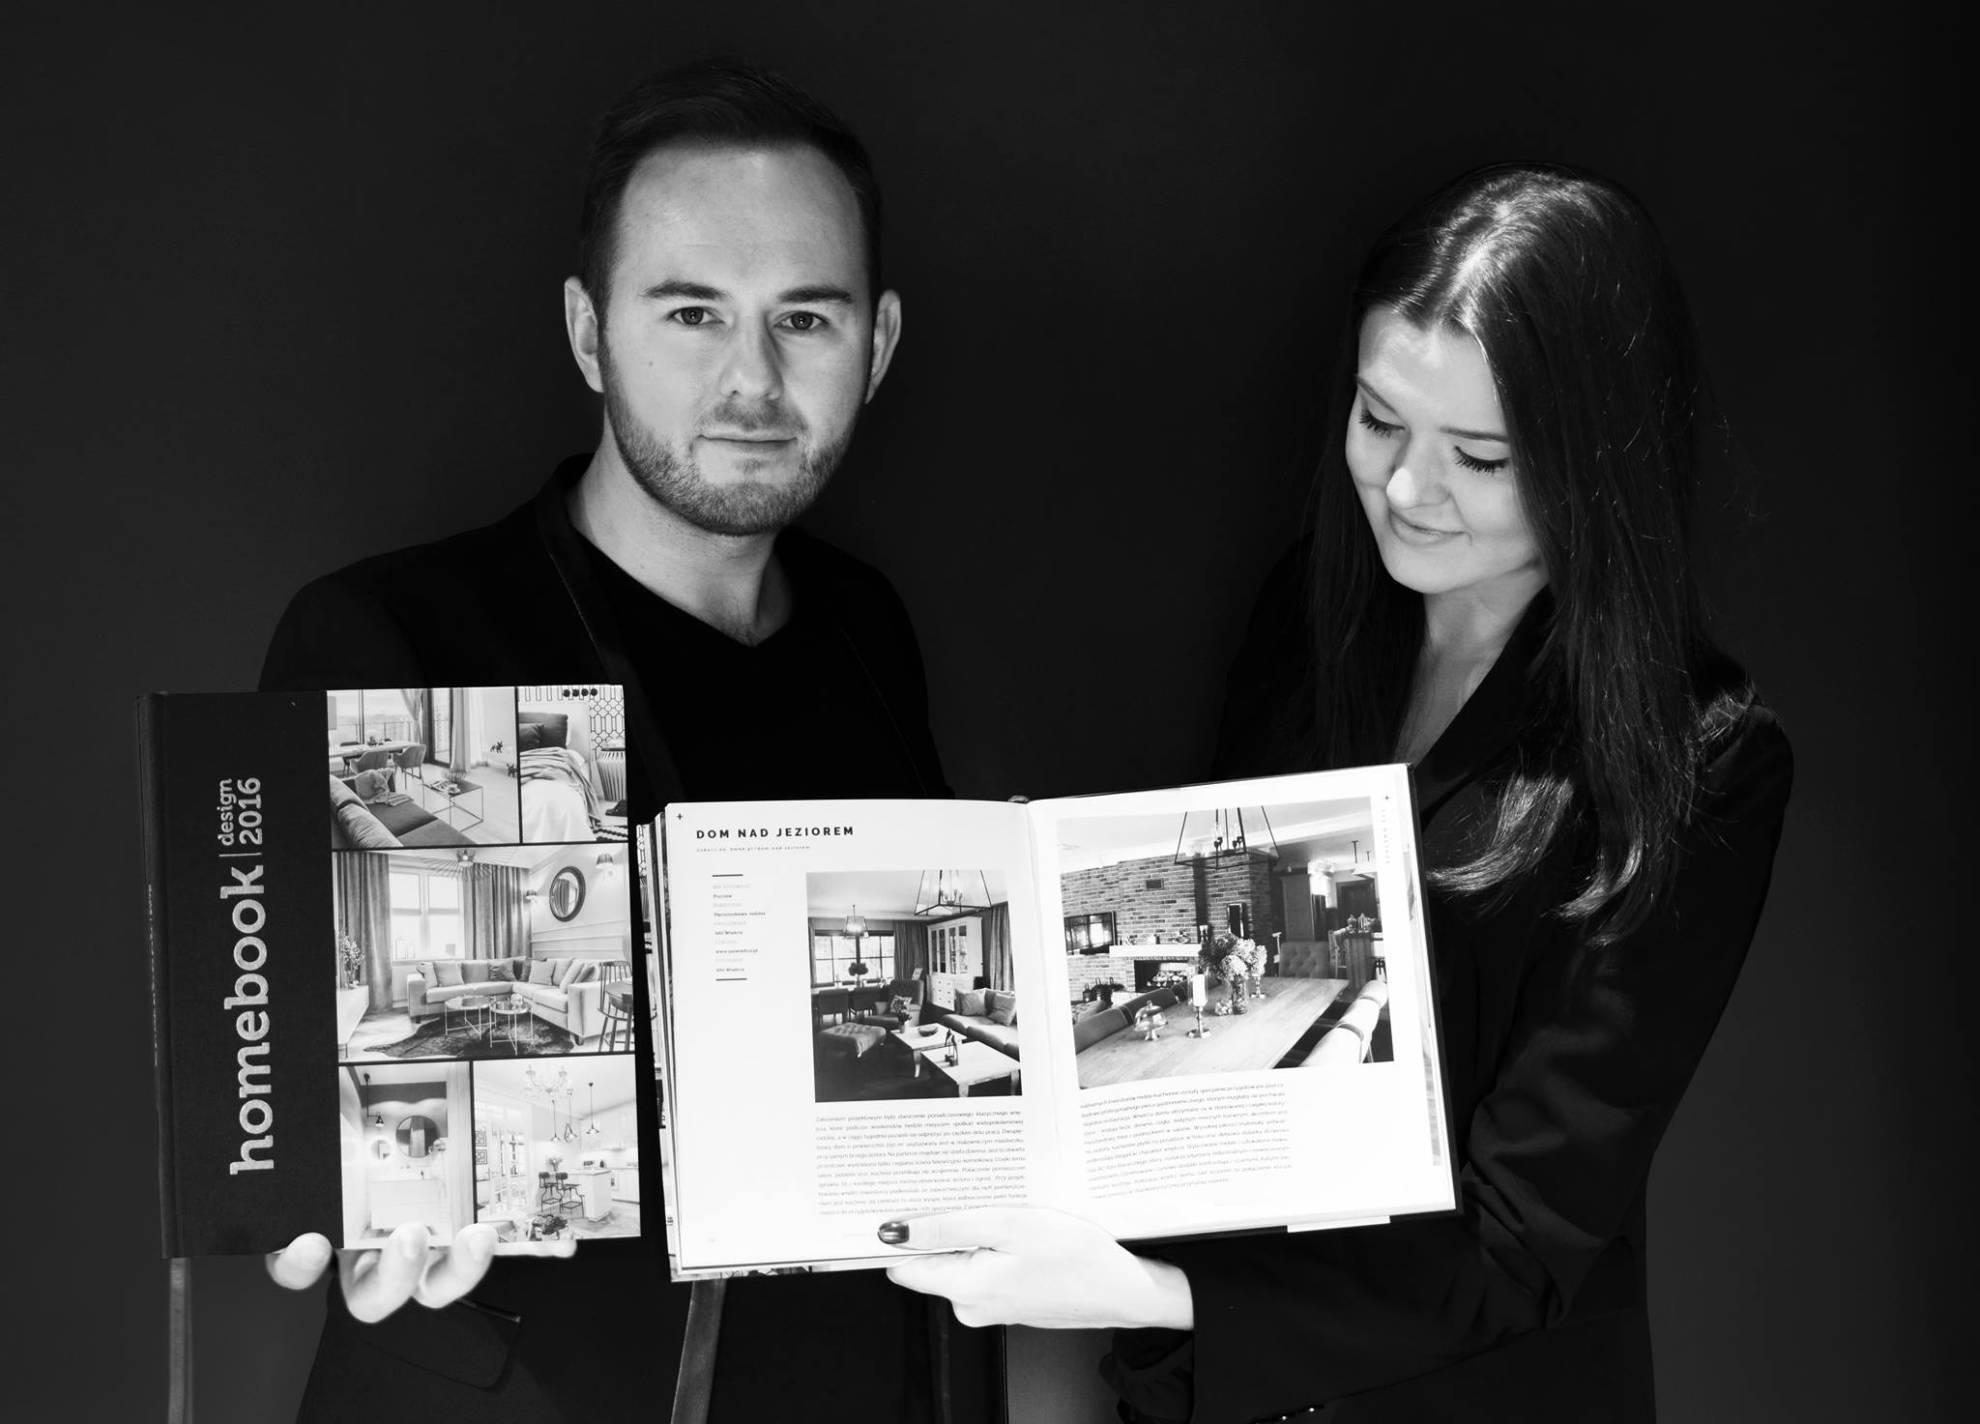 Architekt wnętrz Krzysztof Plasun, architekt wnętrz Emilia Strzempek Plasun - publikacja Homebook